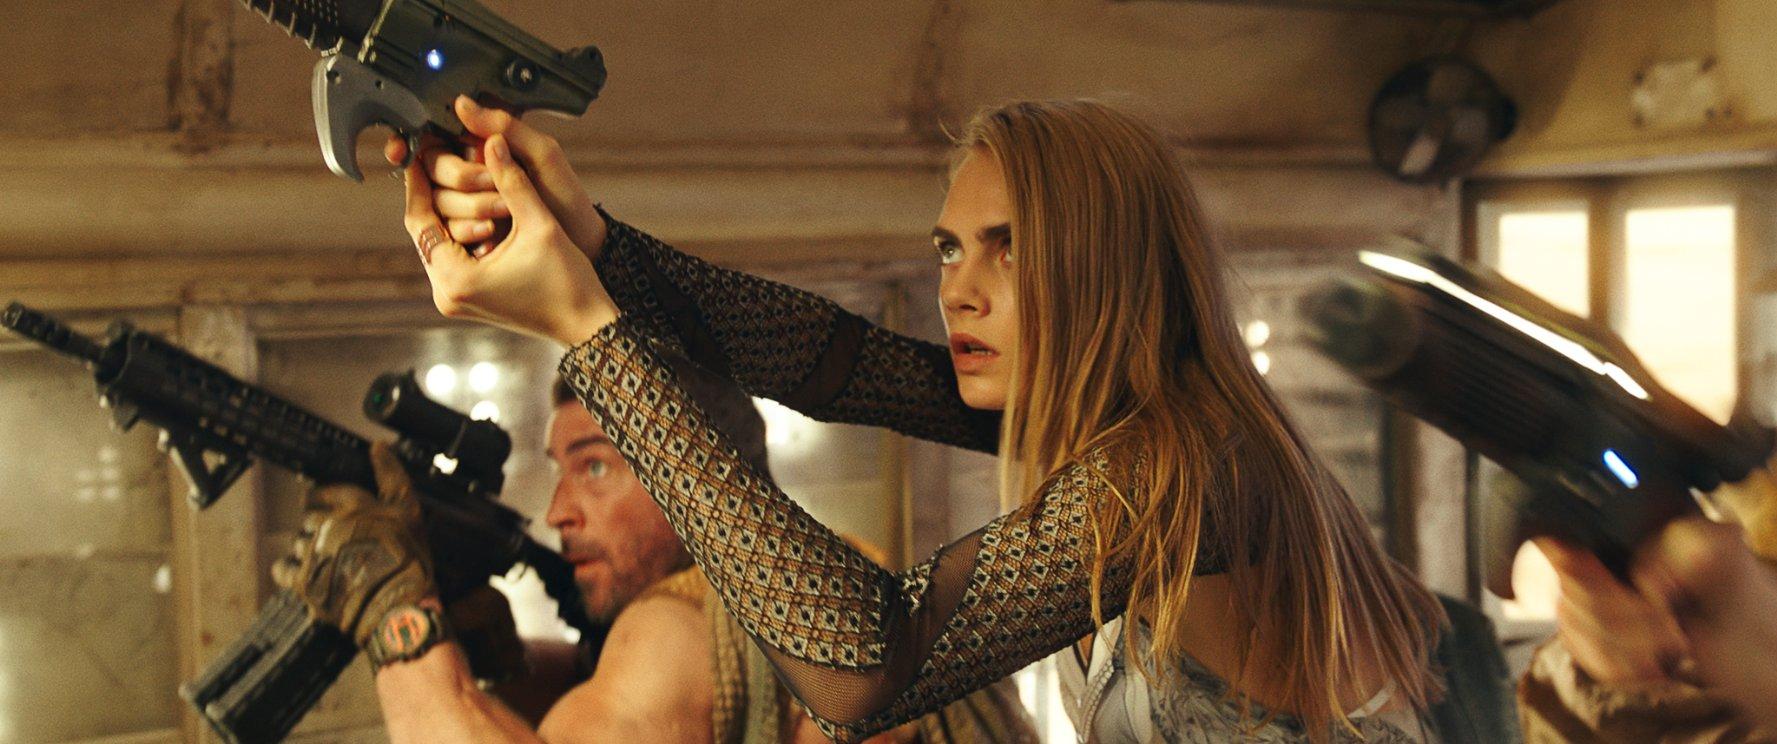 Valerian và Thành Phố Ngàn Hành Tinh - Ai cần nội dung phức tạp khi phim quá lộng lẫy - Ảnh 3.